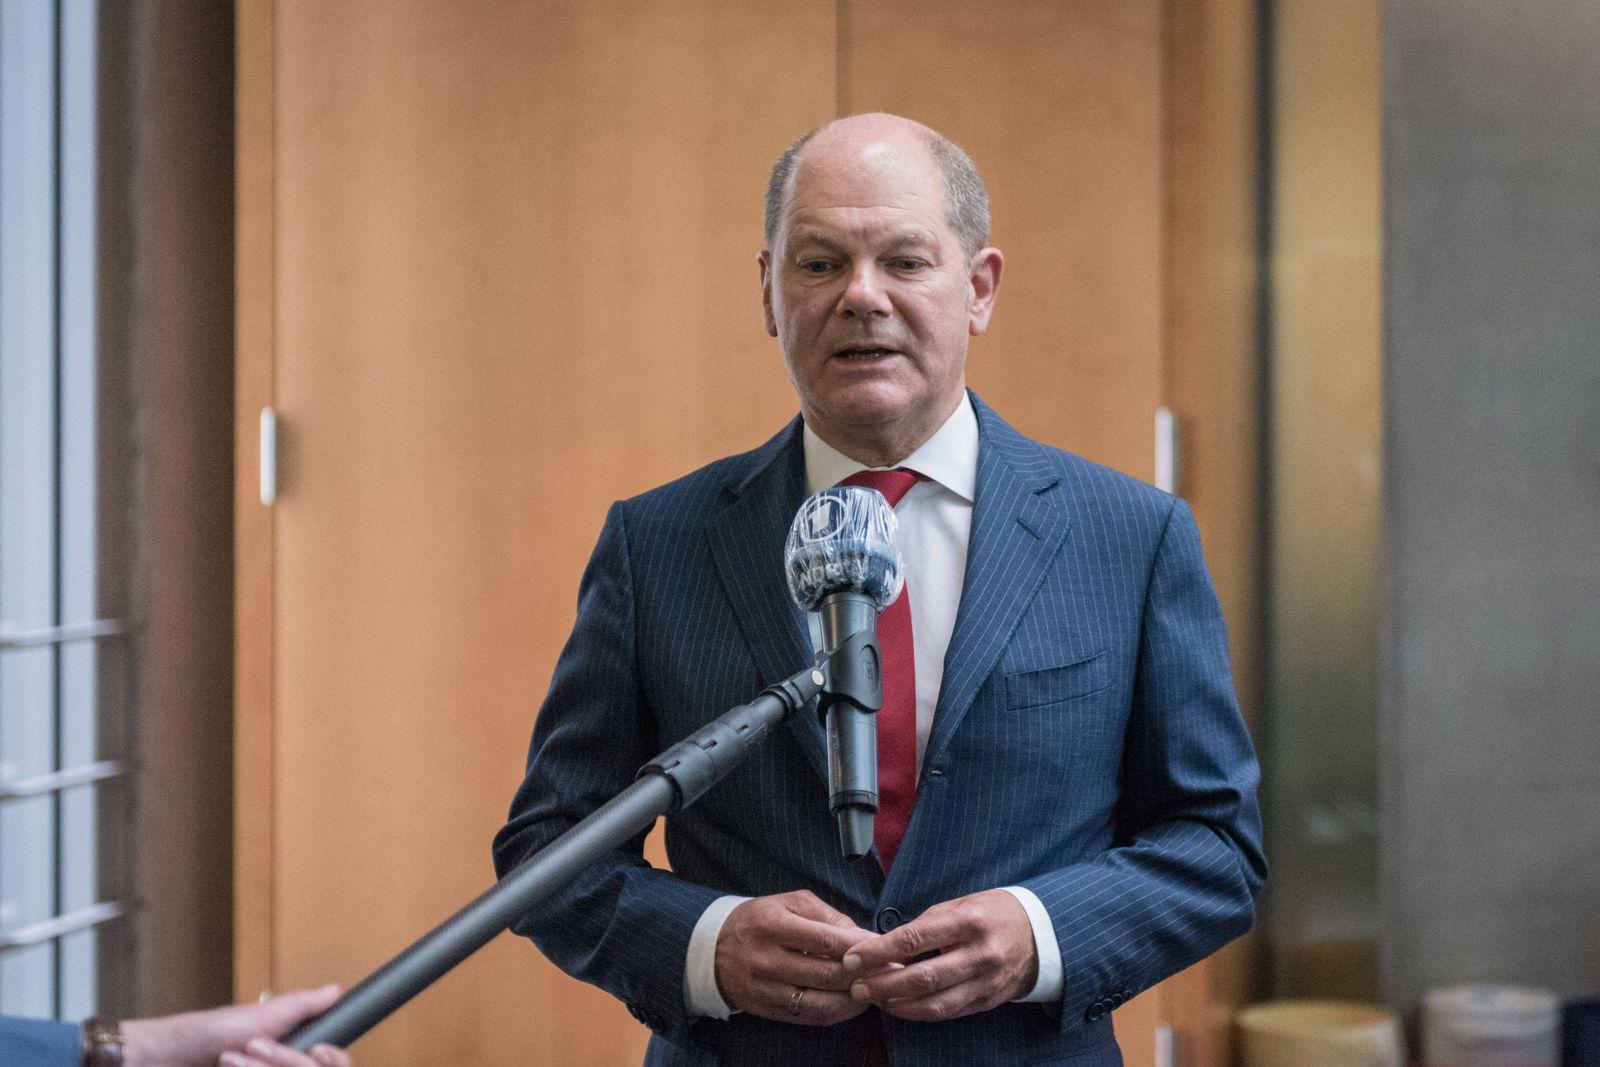 Berlin, Olaf Scholz im Interview Deutschland, Berlin - 01.07.2020: Im Bild ist Olaf Scholz (Vizekanzler, Finanzminister